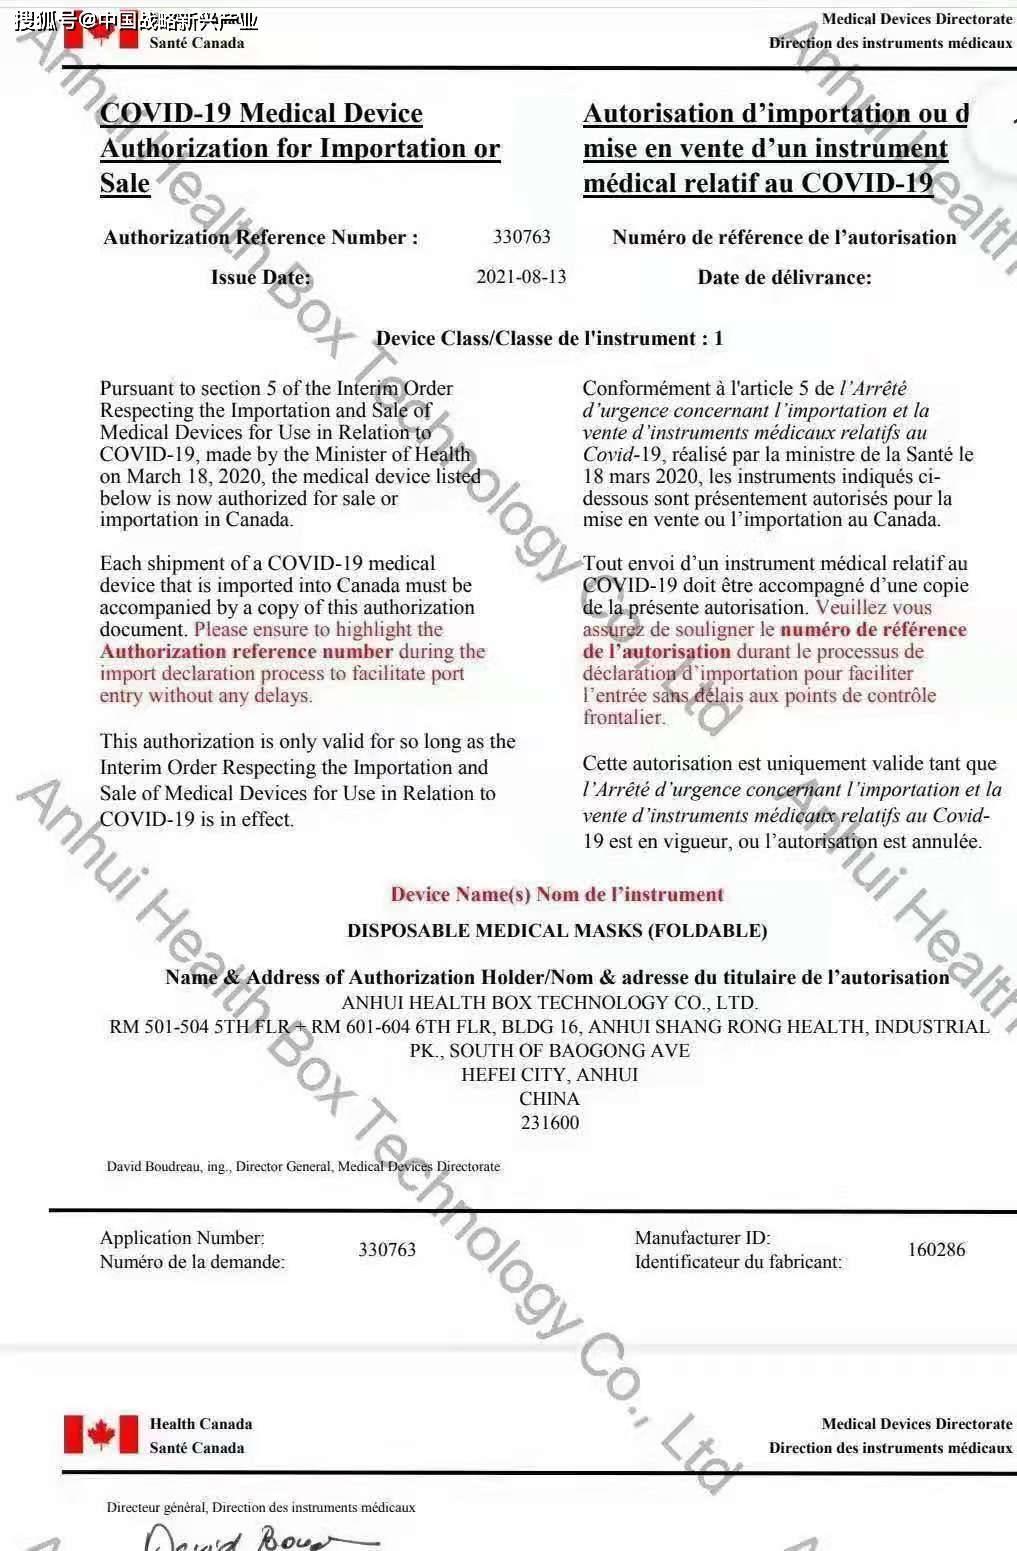 盒子健康新冠灭活口罩正式取得加拿大卫生部医疗器械销售许可证